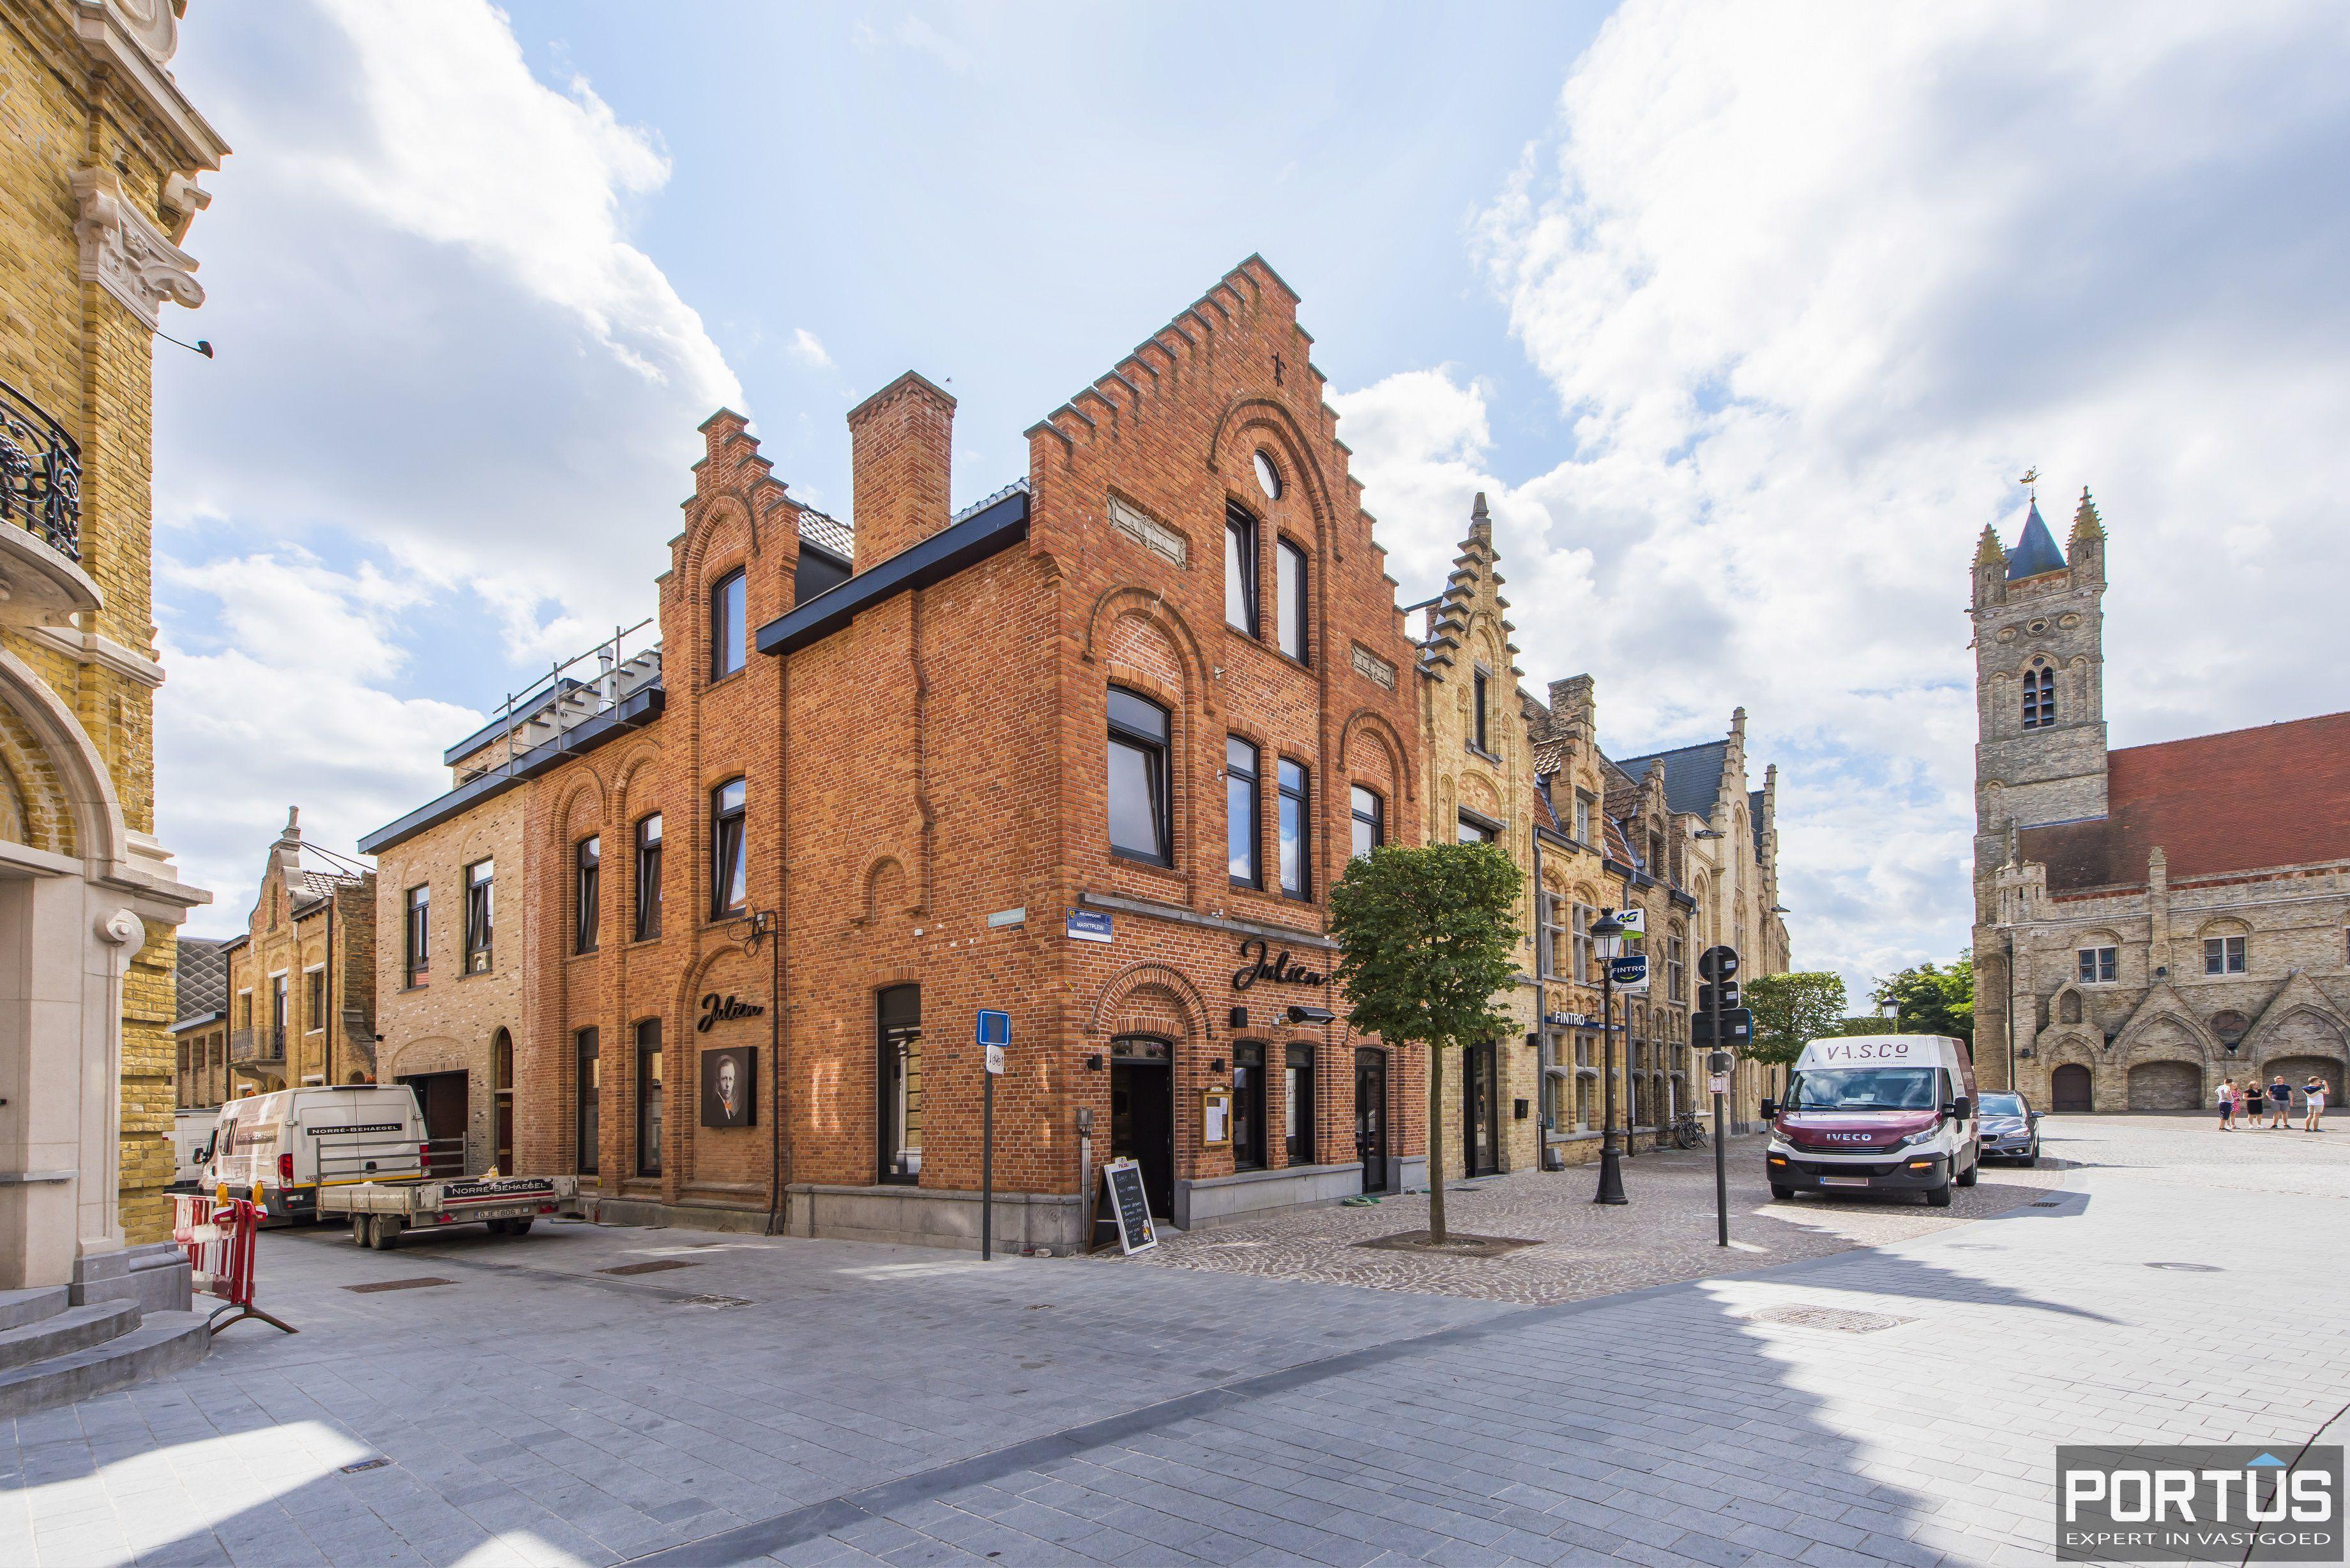 Appartement 3 slaapkamers te koop Marktplein Nieuwpoort - 9924